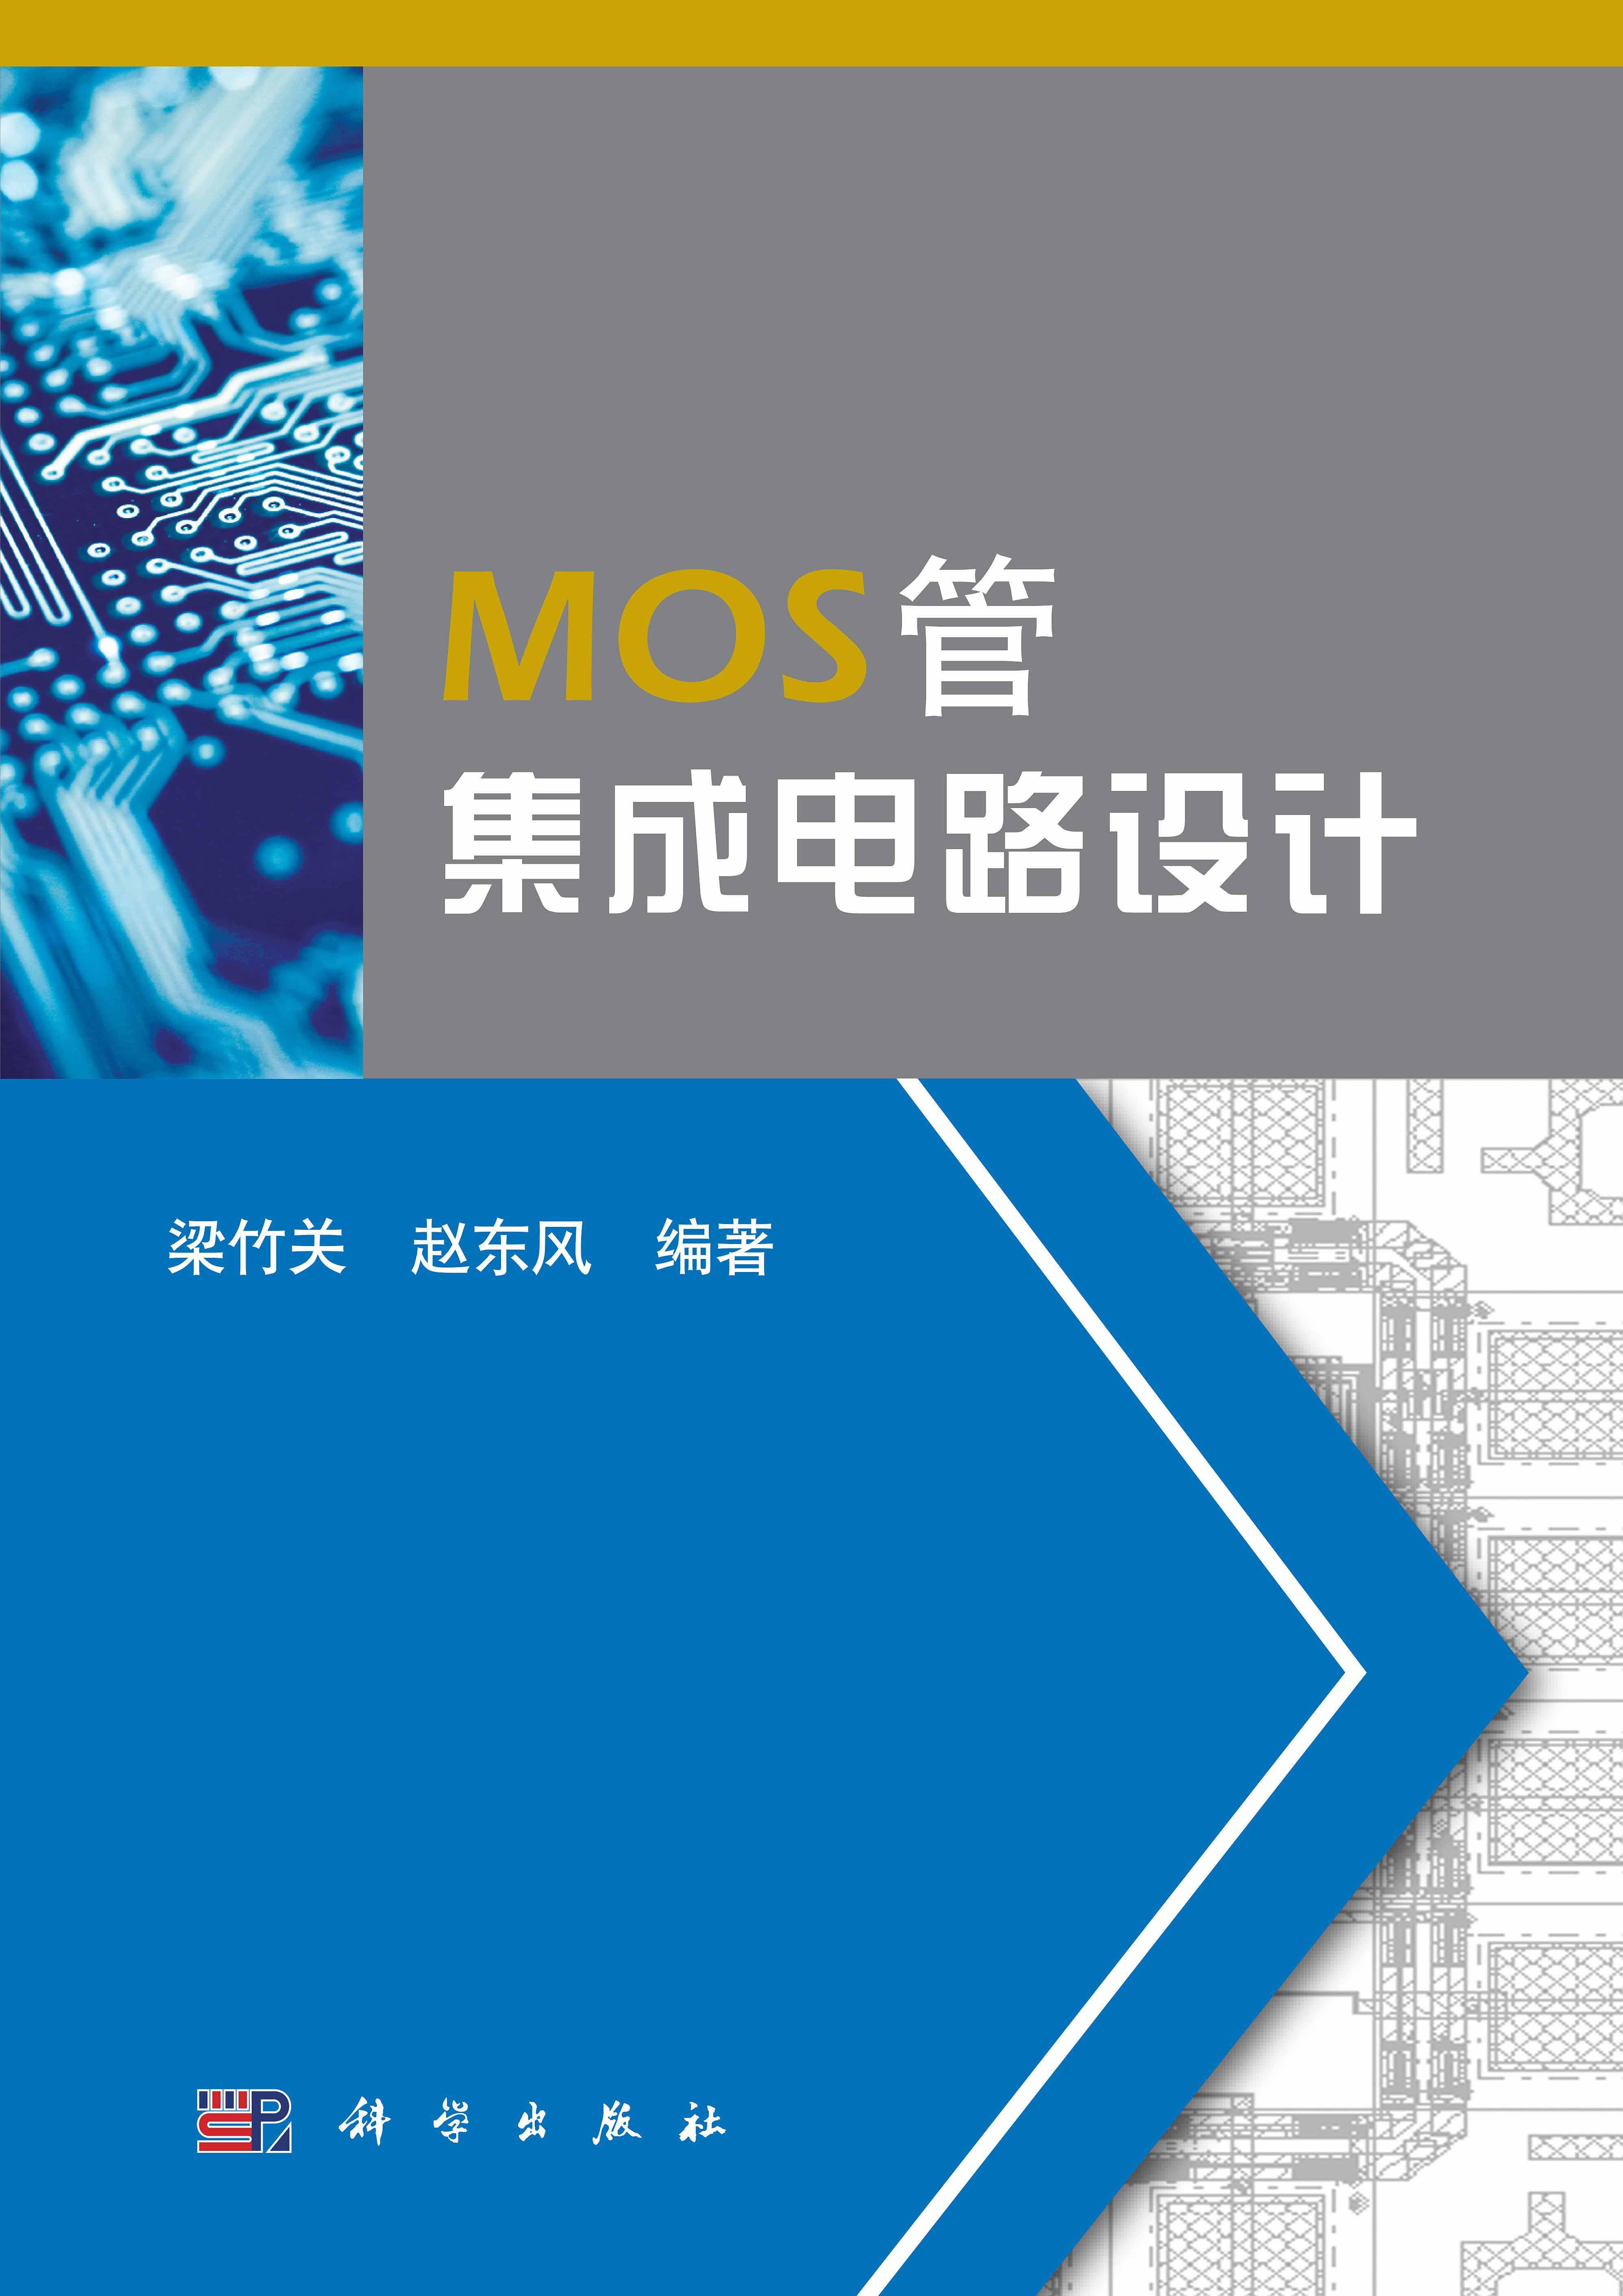 本书根据集成电路设计的特点,结合集成电路制造和封装测试的有关知识和技术,系统介绍了MOS管集成电路设计的有关基础理论知识、半导体集成电路基本加工工艺和设计规则、MOS管集成电路版图设计的一些方法和技巧、MOS管数字集成电路的基本逻辑单元、MOS管模拟集成电路的基本元器件和基本电路单元,分析了典型数字集成电路和模拟集成电路的设计方法及实现过程,引入了一些常见的数字集成电路和模拟集成电路设计技术。书中既介绍了集成电路设计的有关理论知识,又介绍了集成电路设计的一些实用方法和技术。 本书可作为高等院校电子科学与技